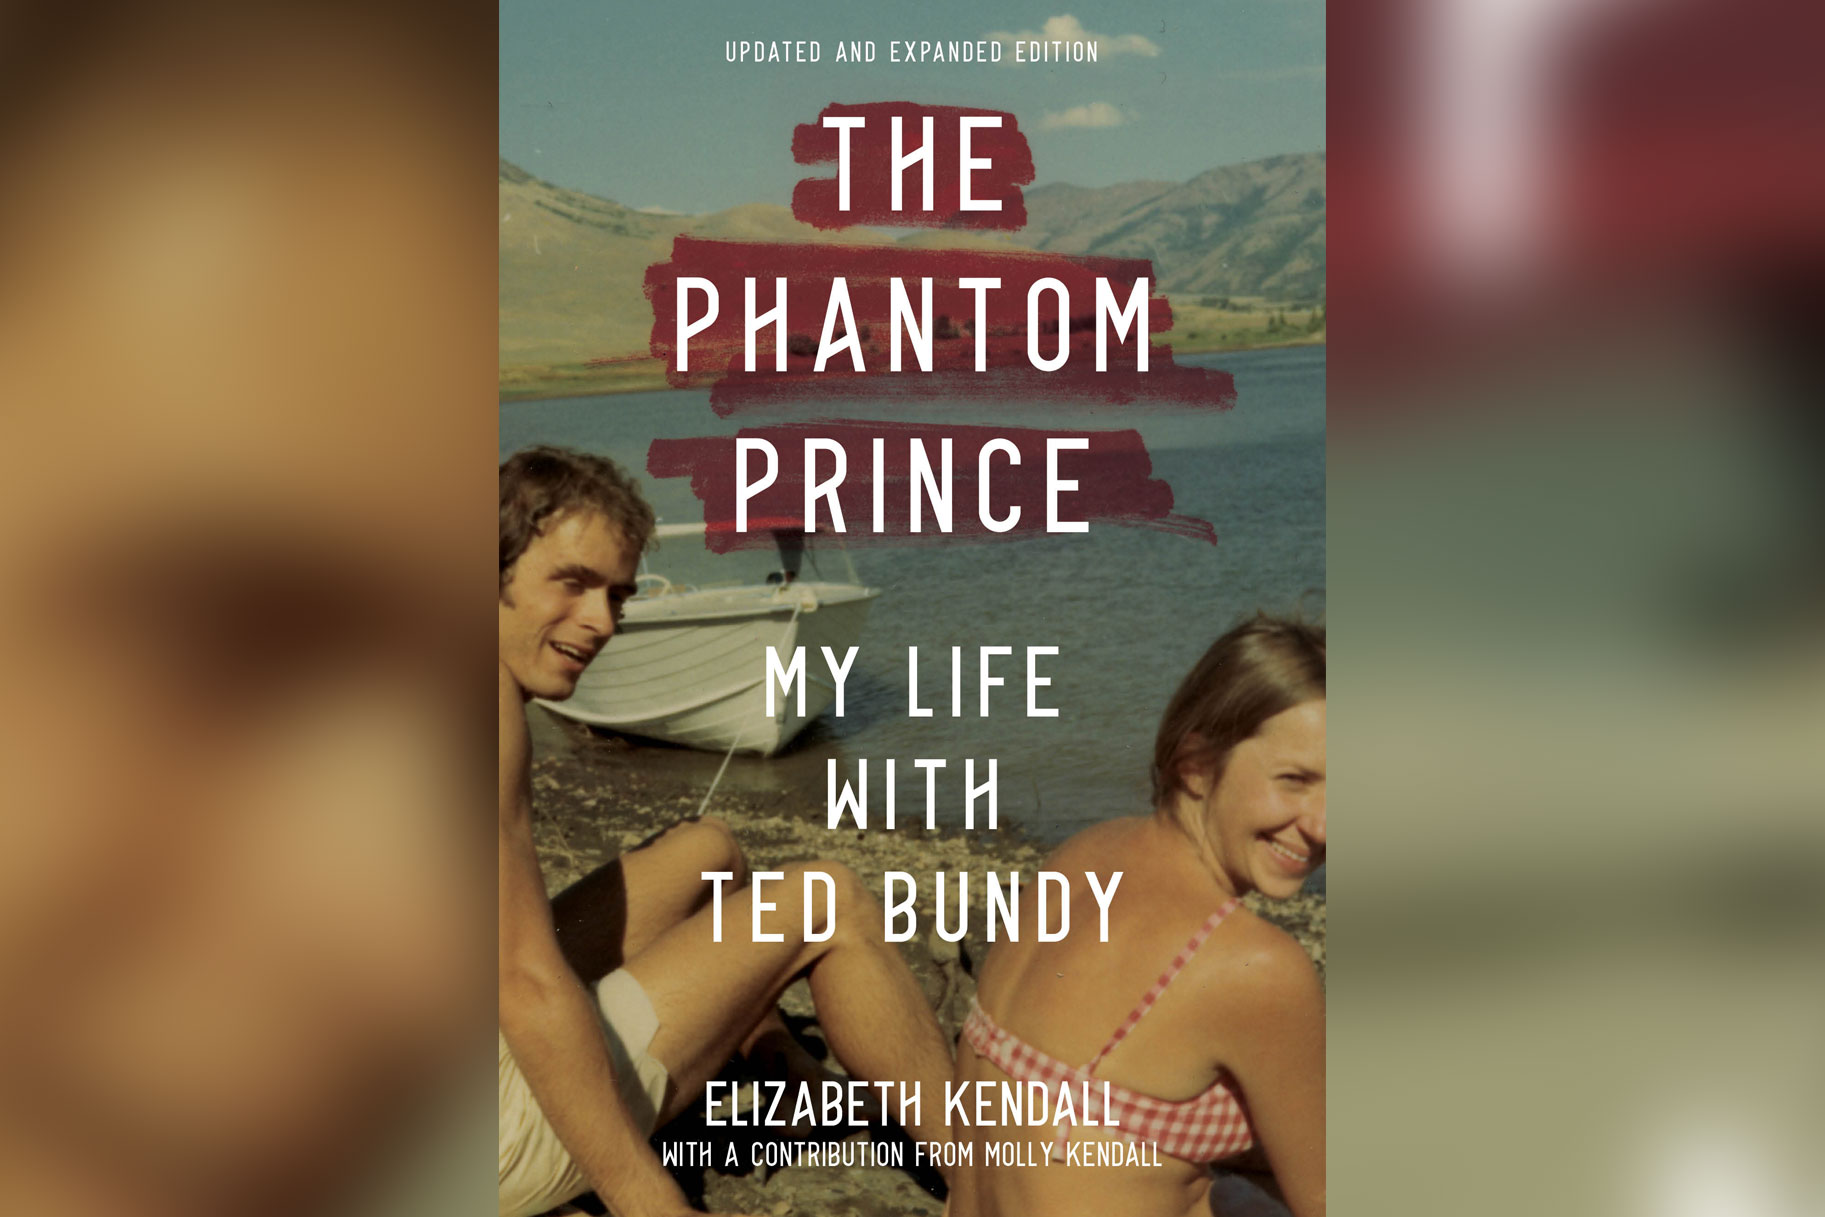 Η πρώην φίλη του Ted Bundy θα δημοσιεύσει ενημερωμένα και διευρυμένα απομνημονεύματα του ρομαντισμού τους